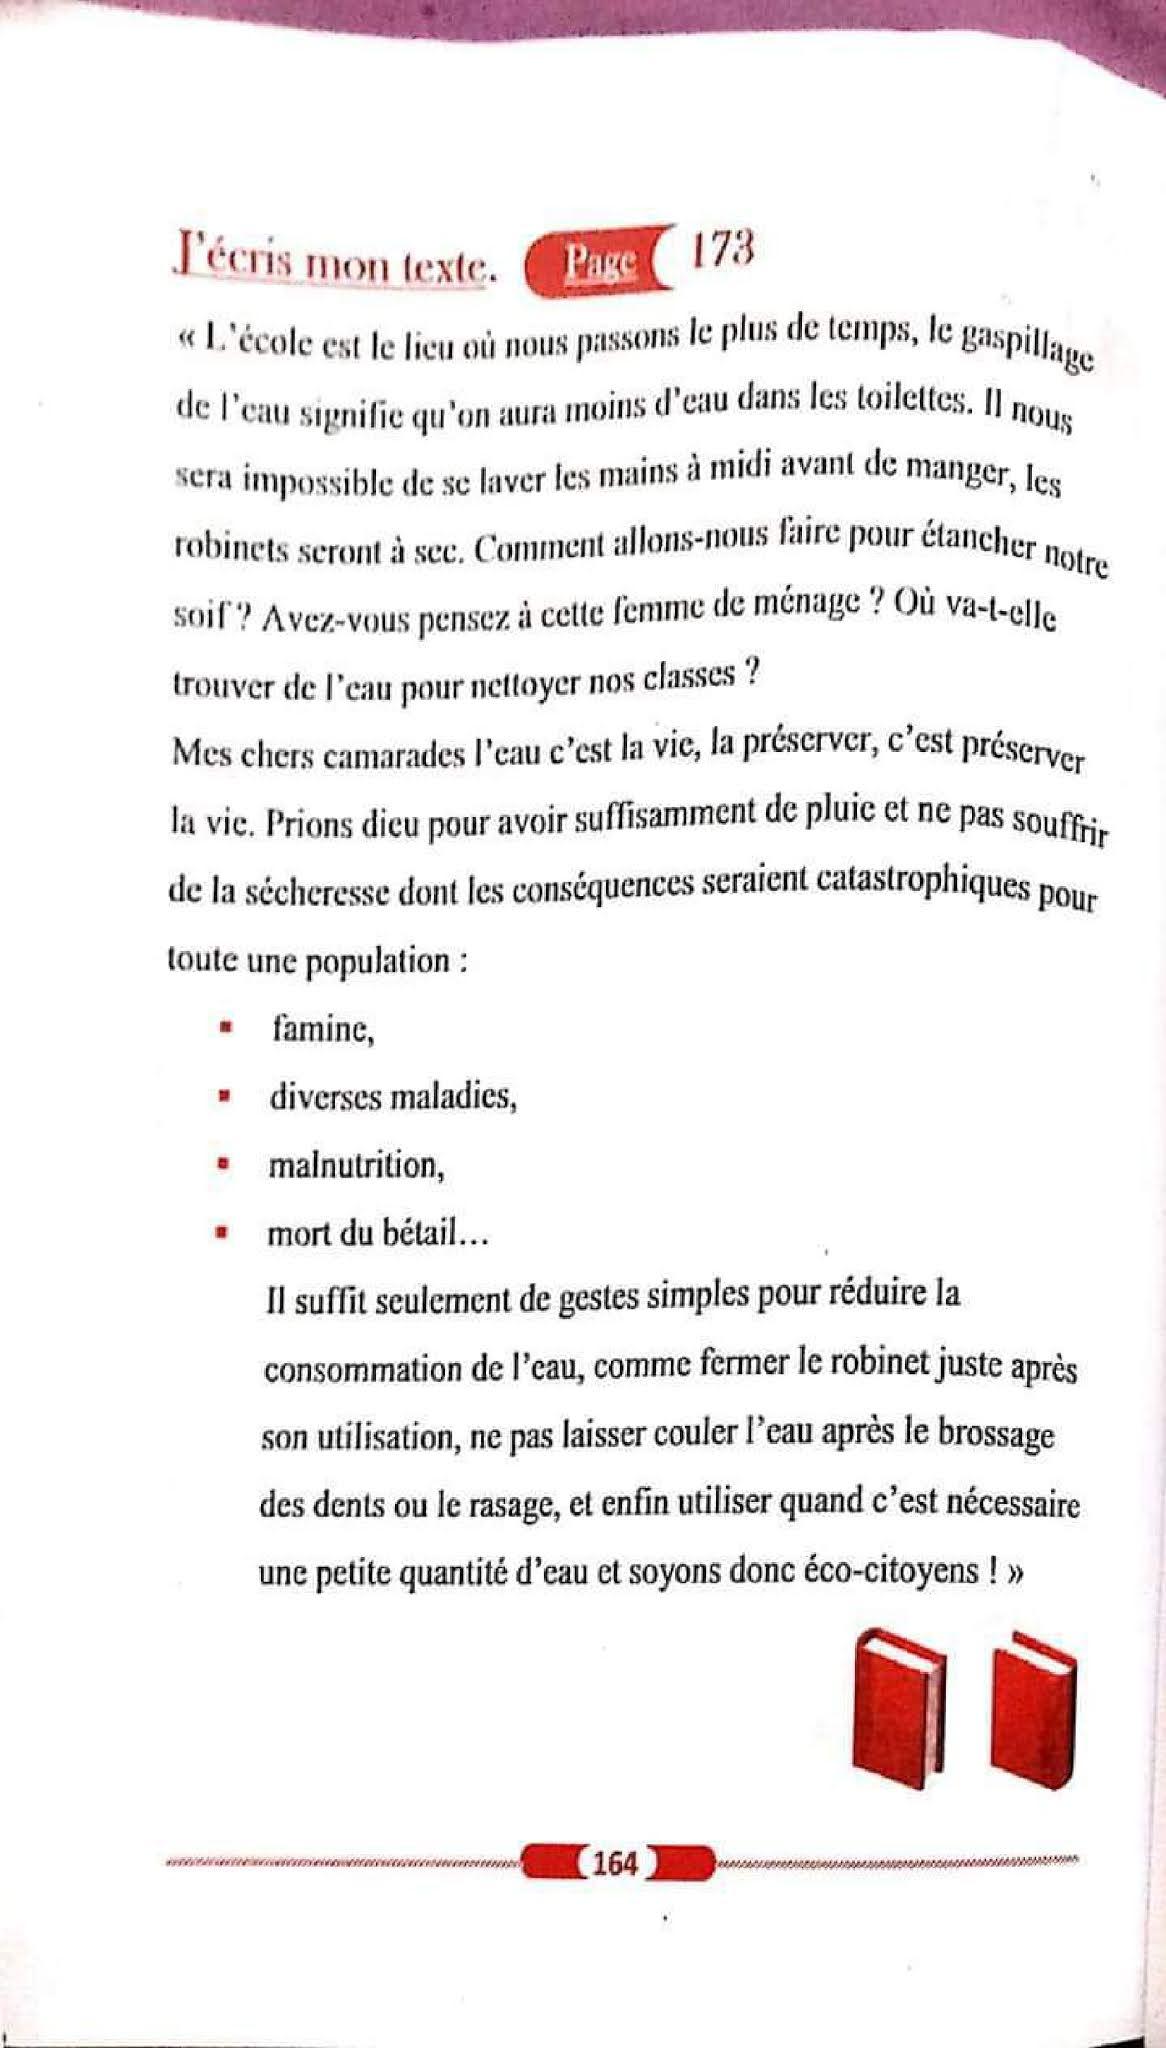 حل تمارين صفحة 173 الفرنسية للسنة الأولى متوسط الجيل الثاني